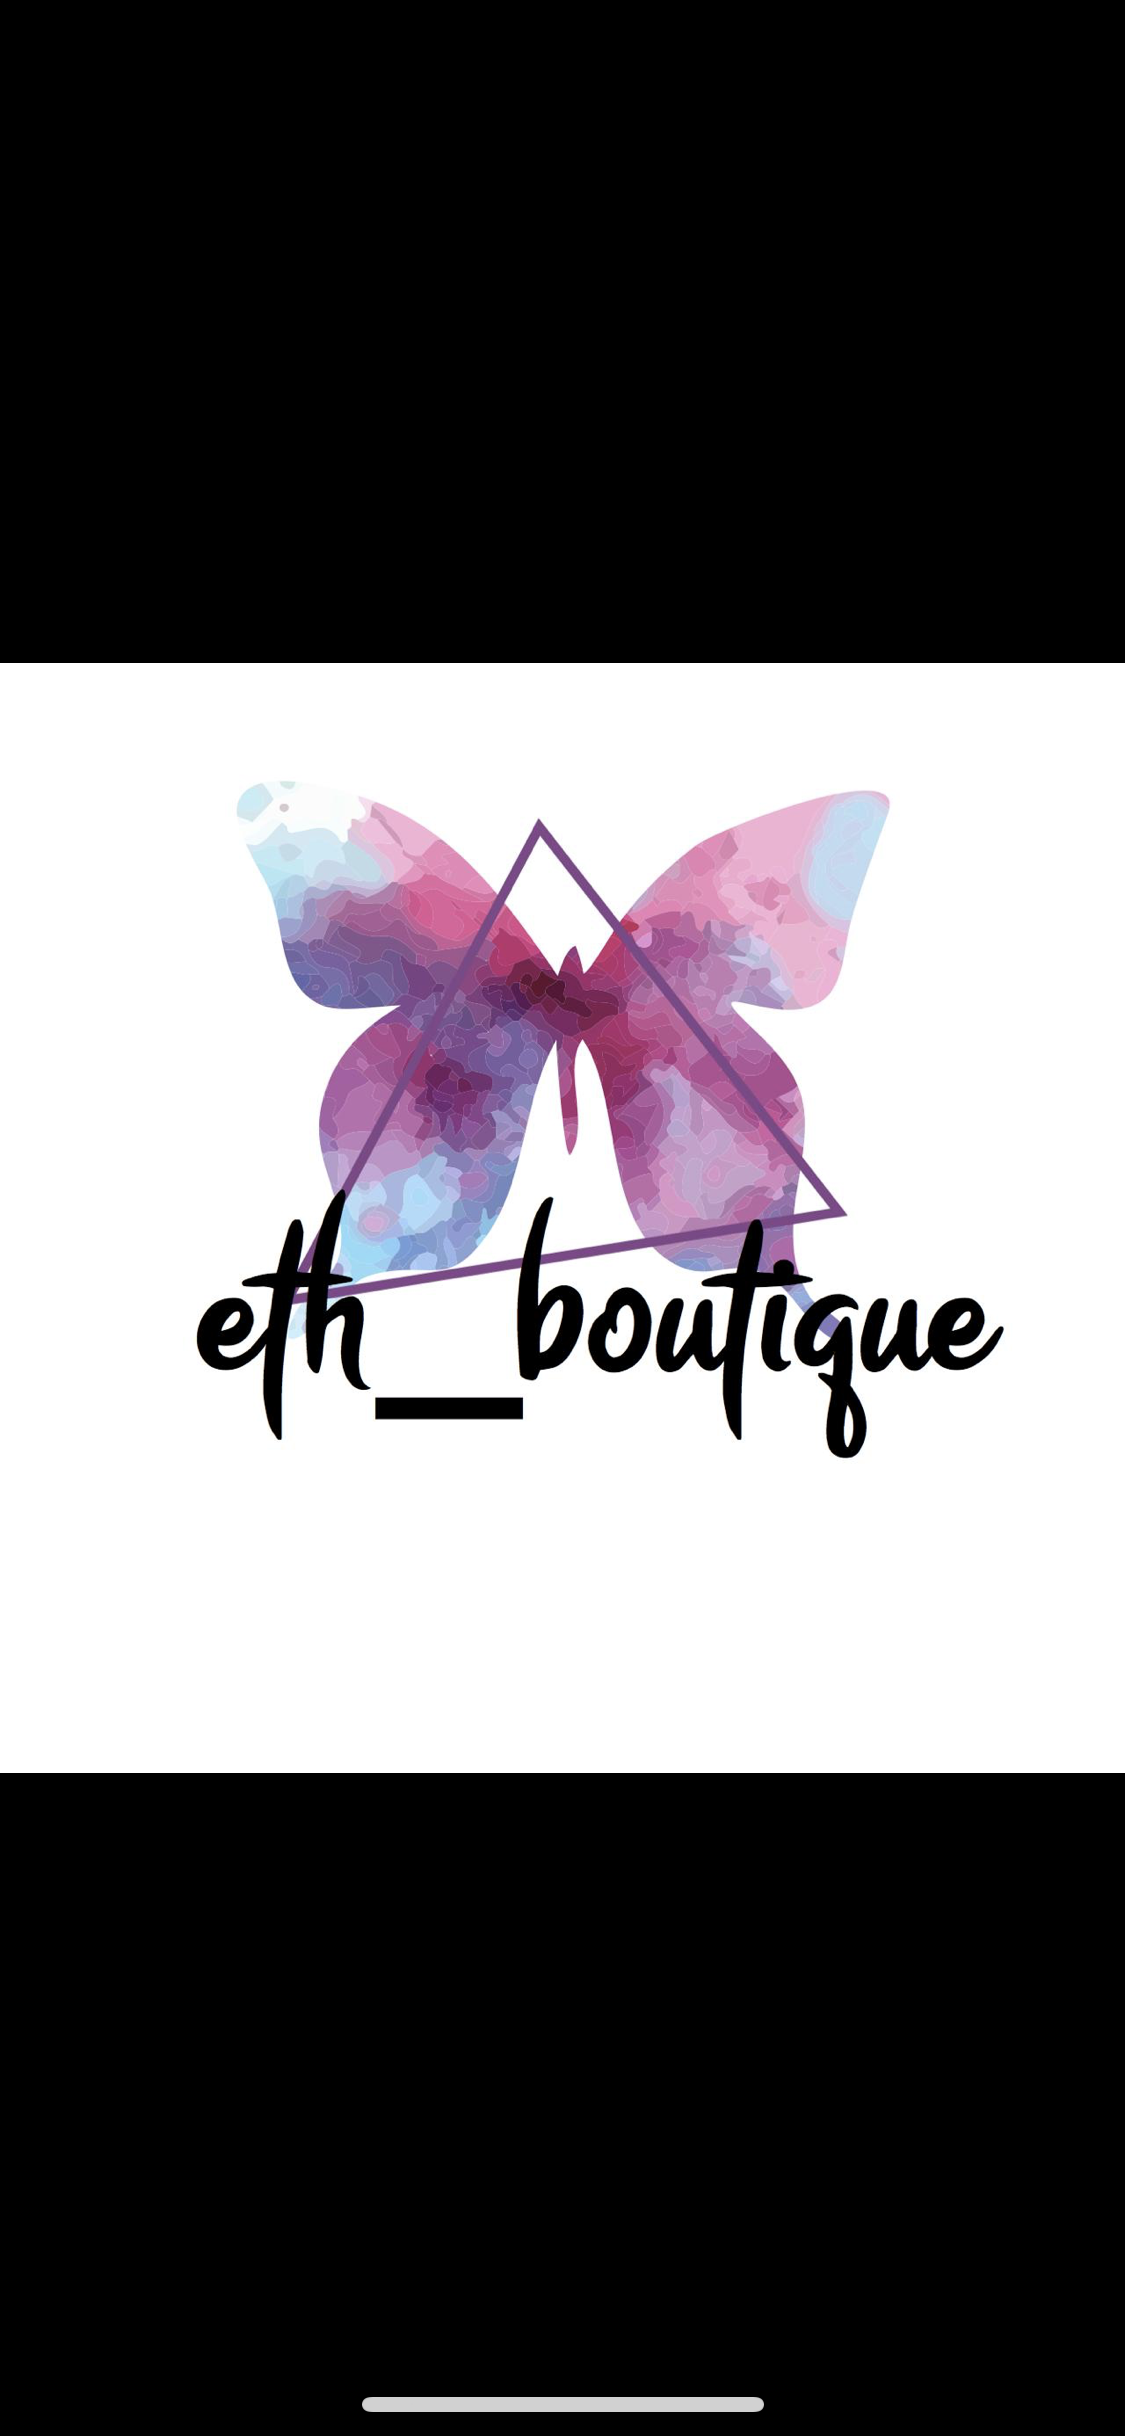 Etharaq Profile Picture